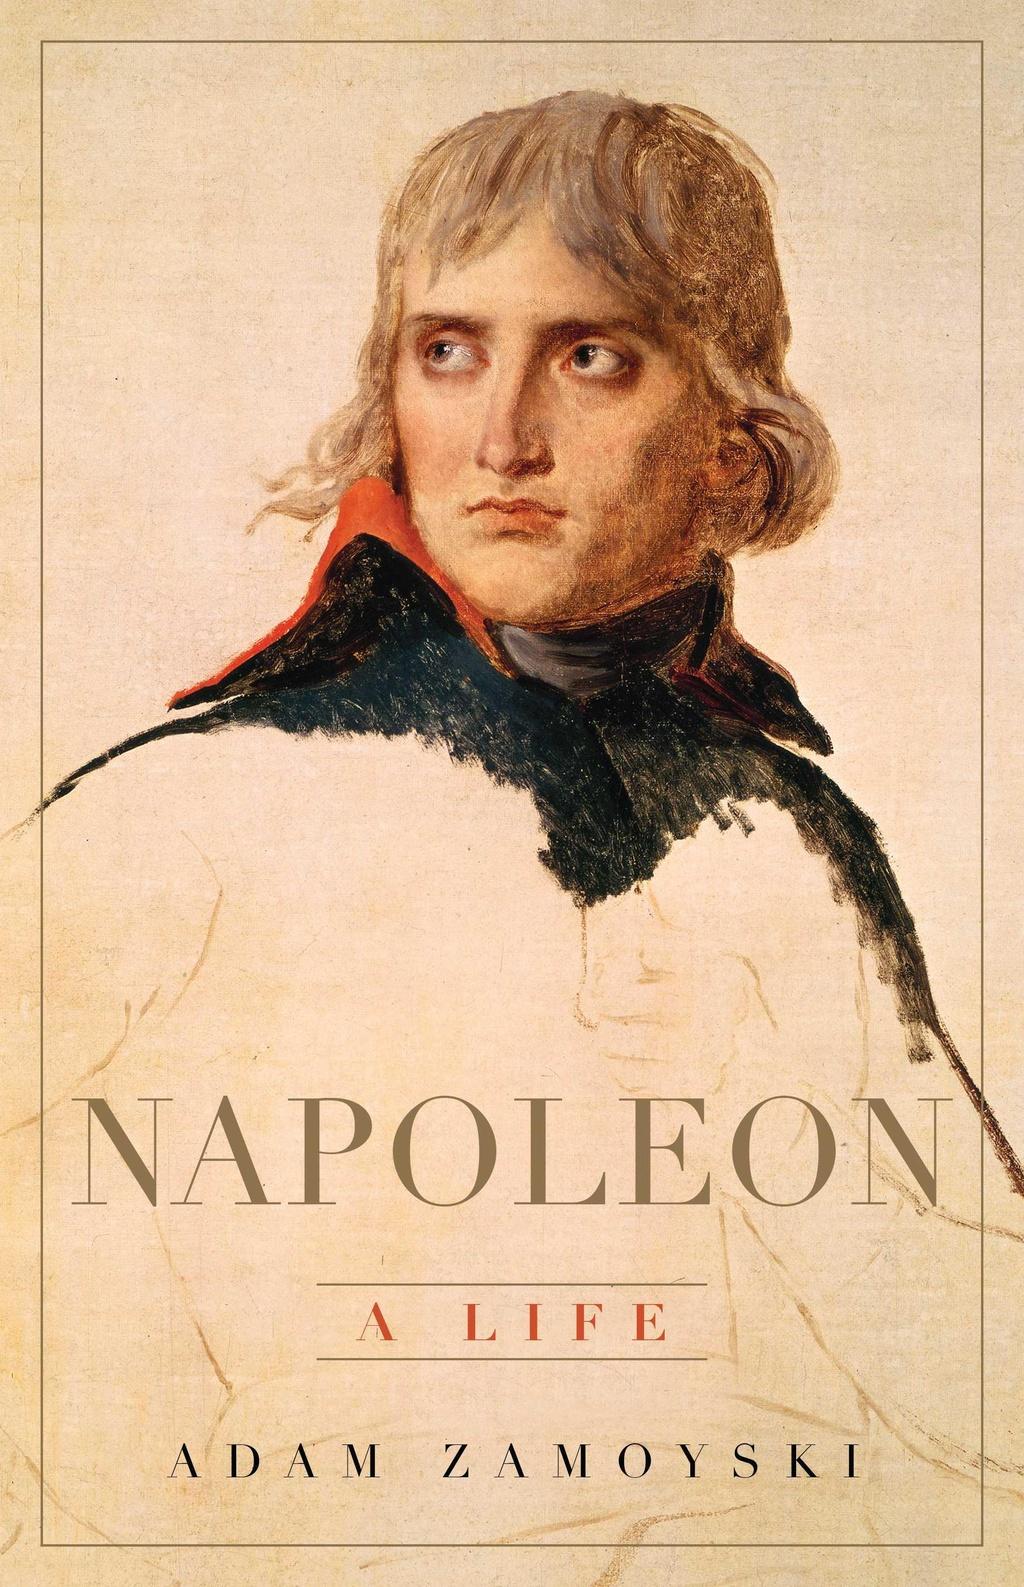 Napoleon - vi nhan hay nguoi binh thuong gap thoi hinh anh 3